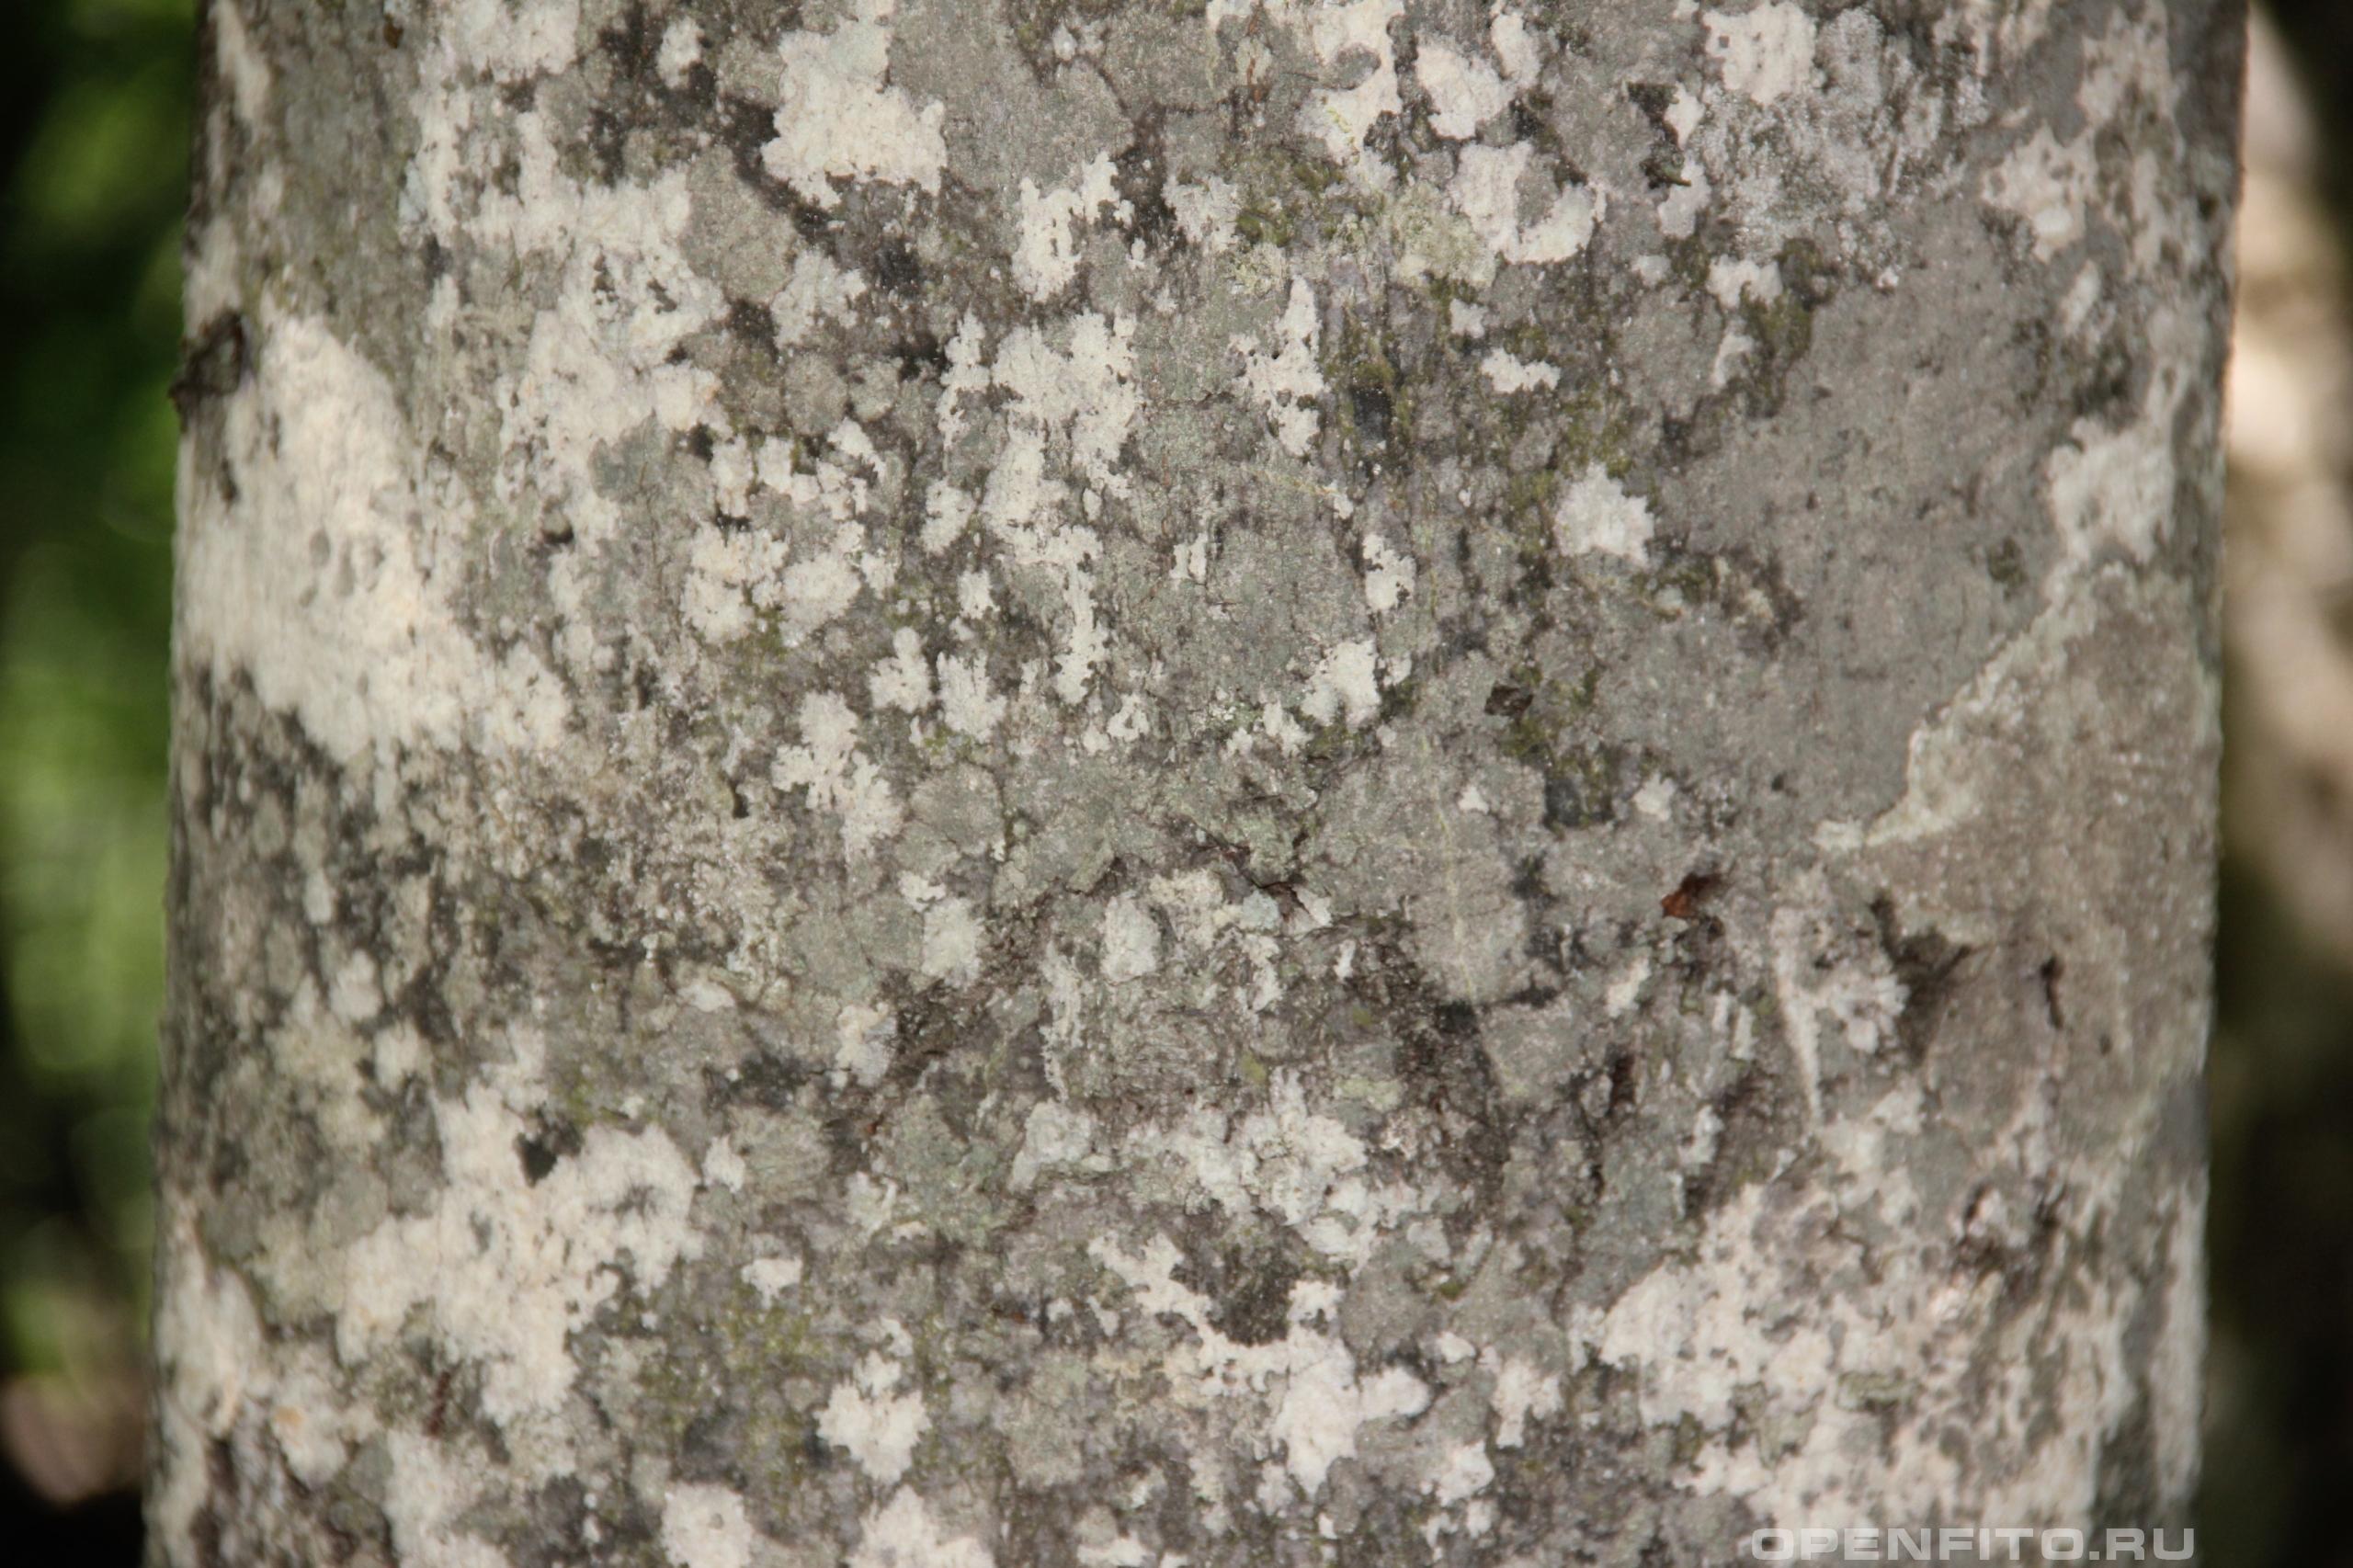 Бук кора дерева, растение живет до 350 лет